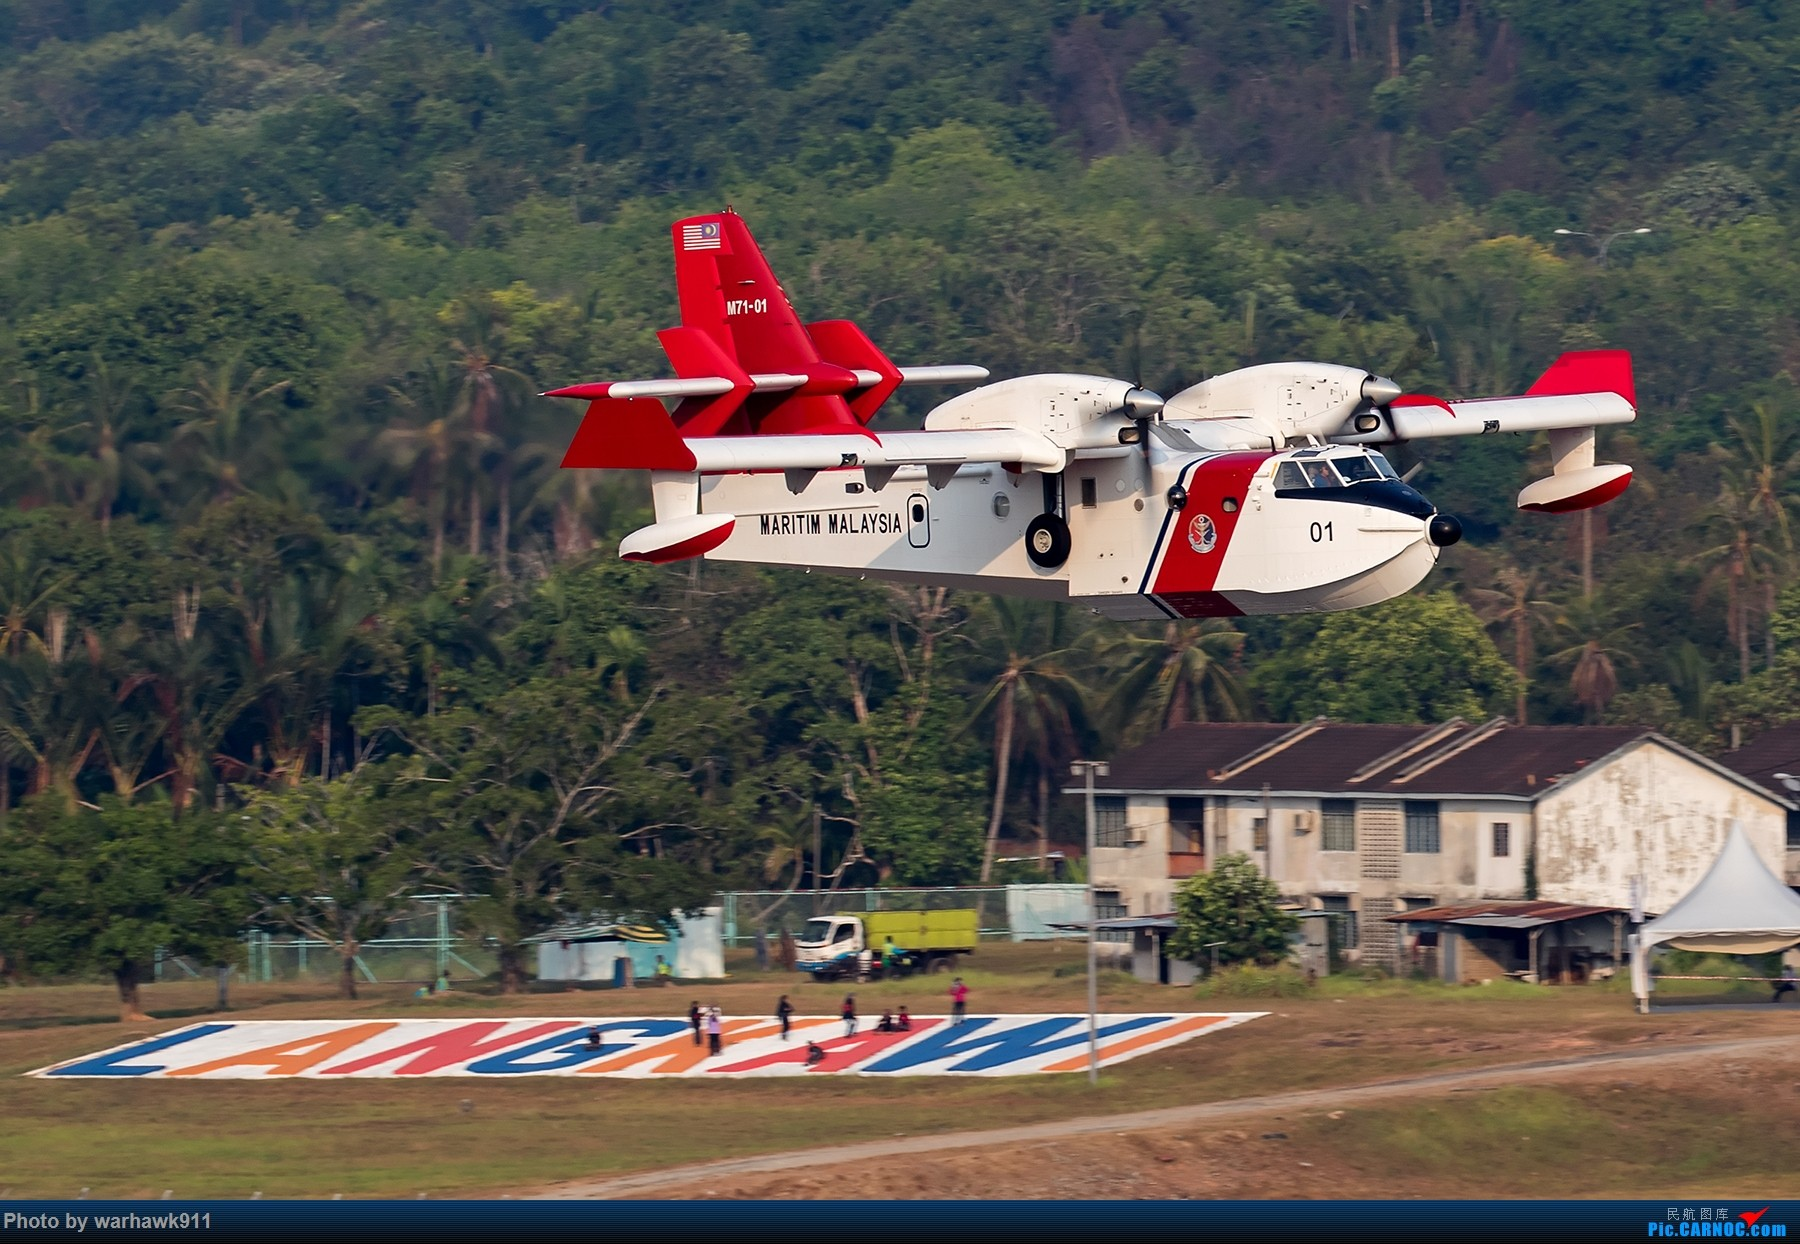 Re:[原创]LIMA'15 --民航资源网飞友在LIMA CL-415 M71-01 兰卡威国际机场